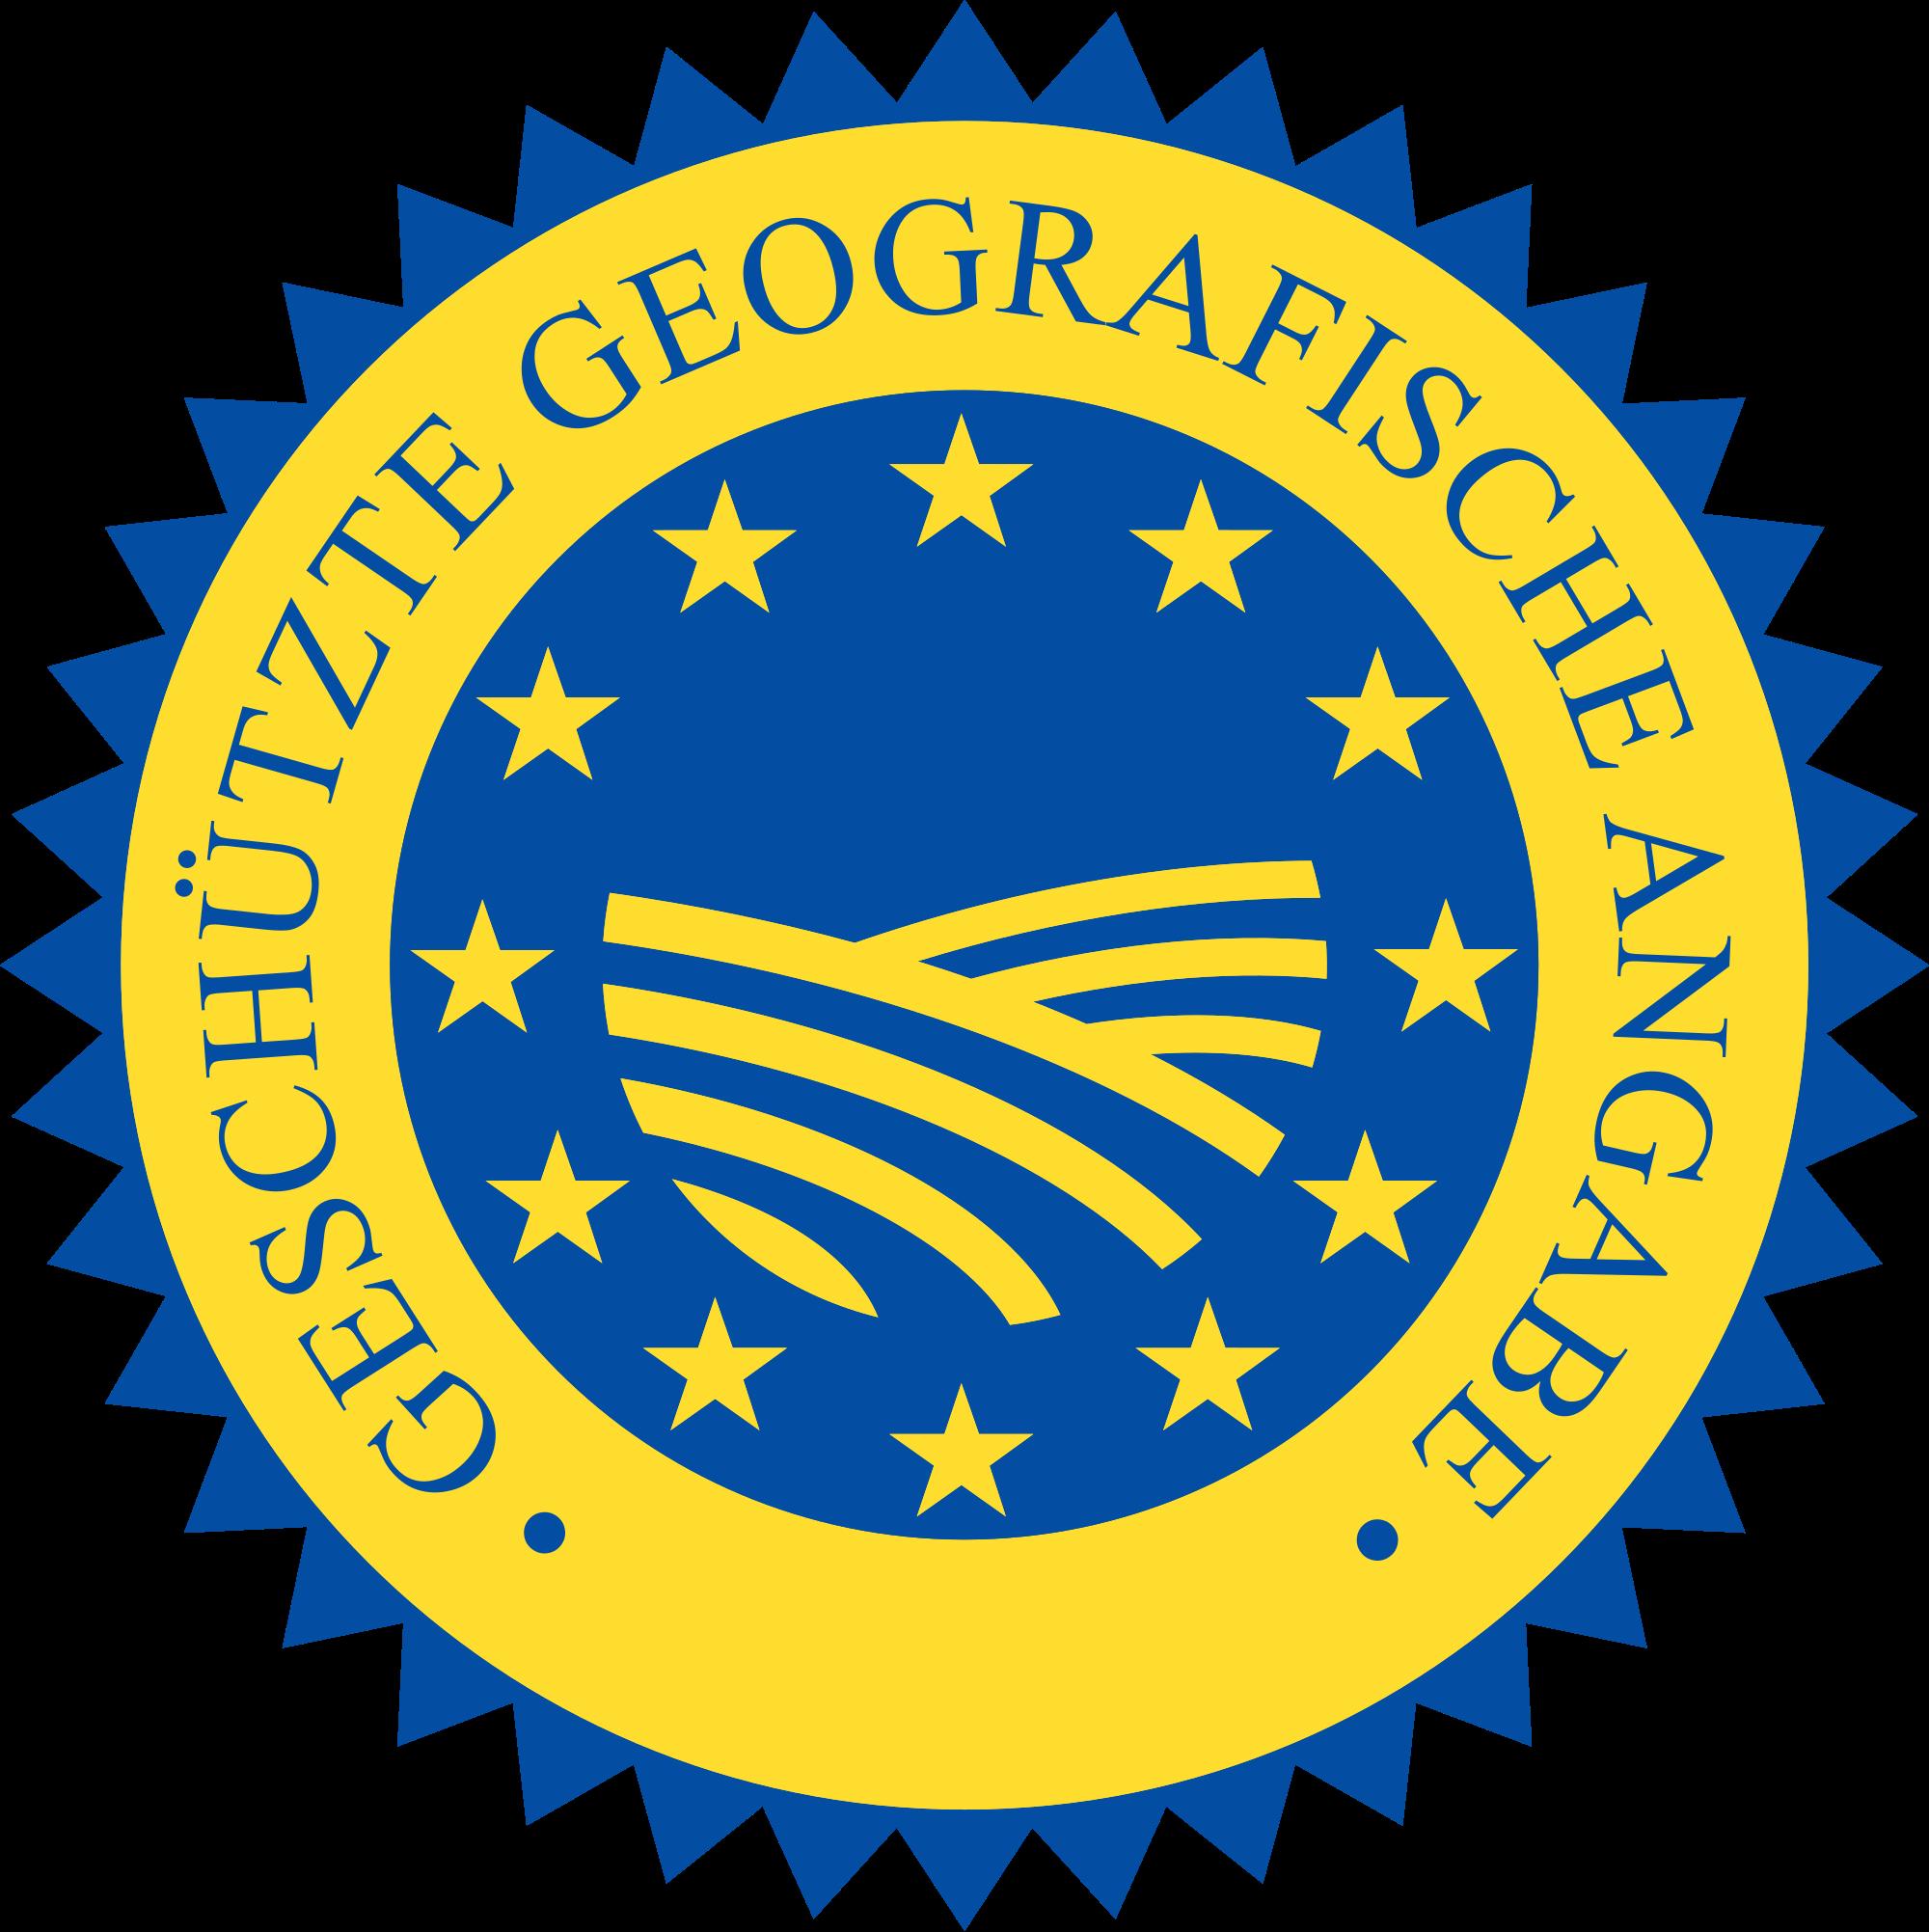 Geschützte Geographische Angabe (g.g.A)